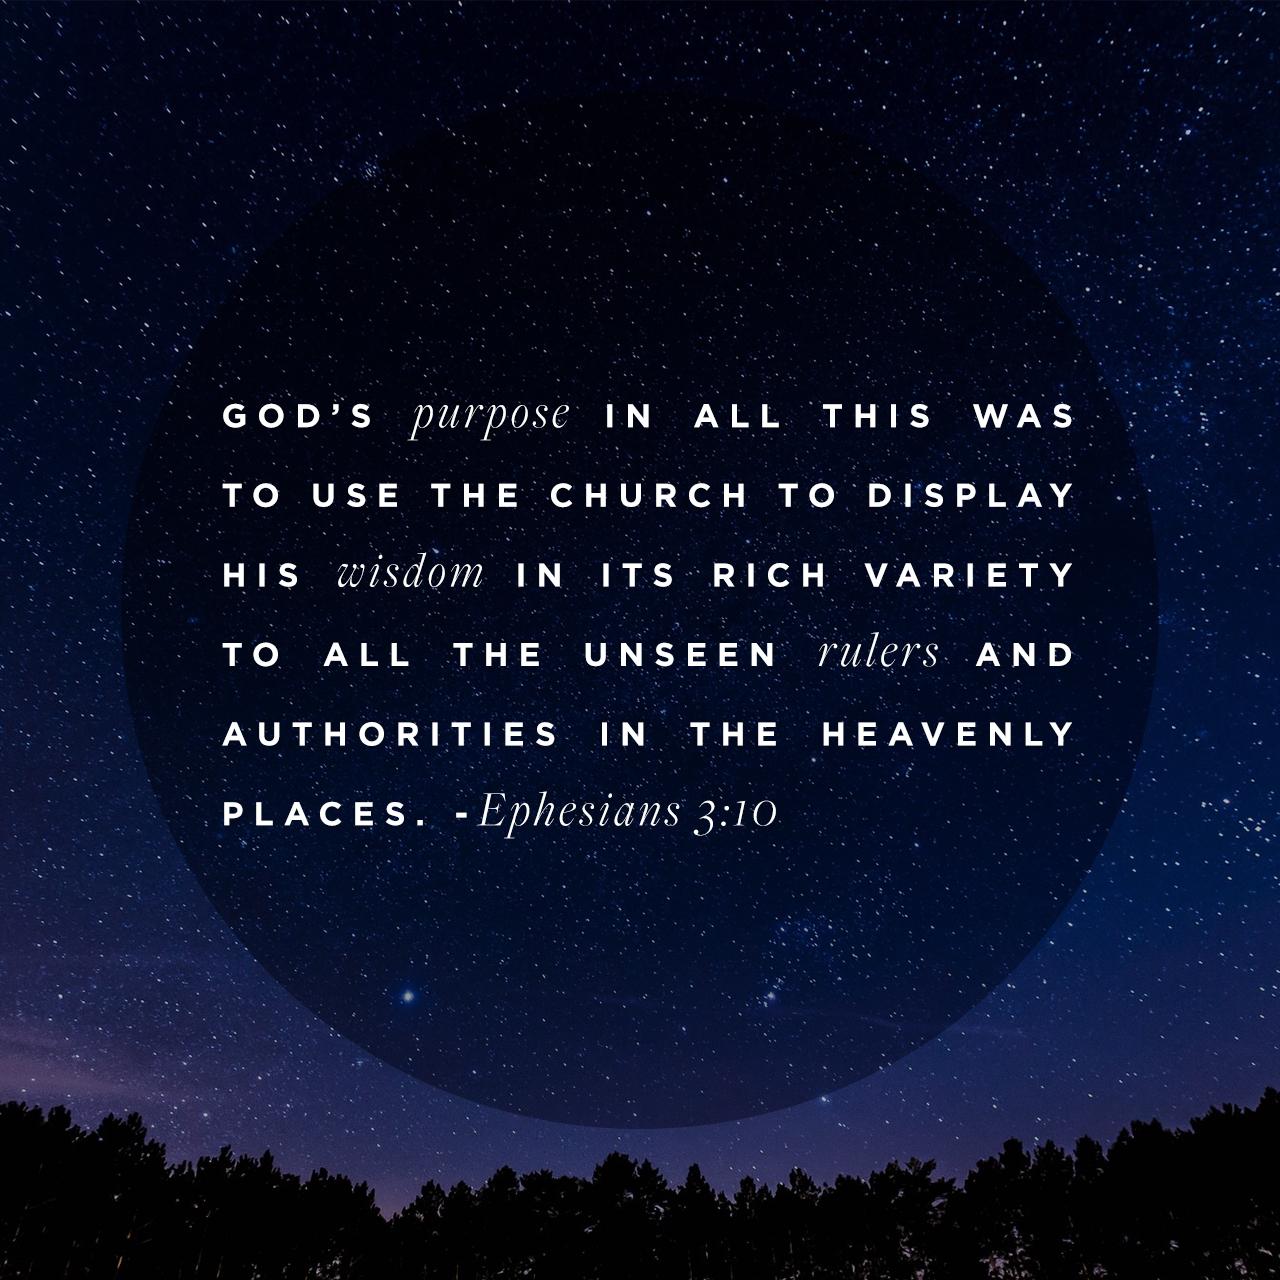 Ephesians 3:10